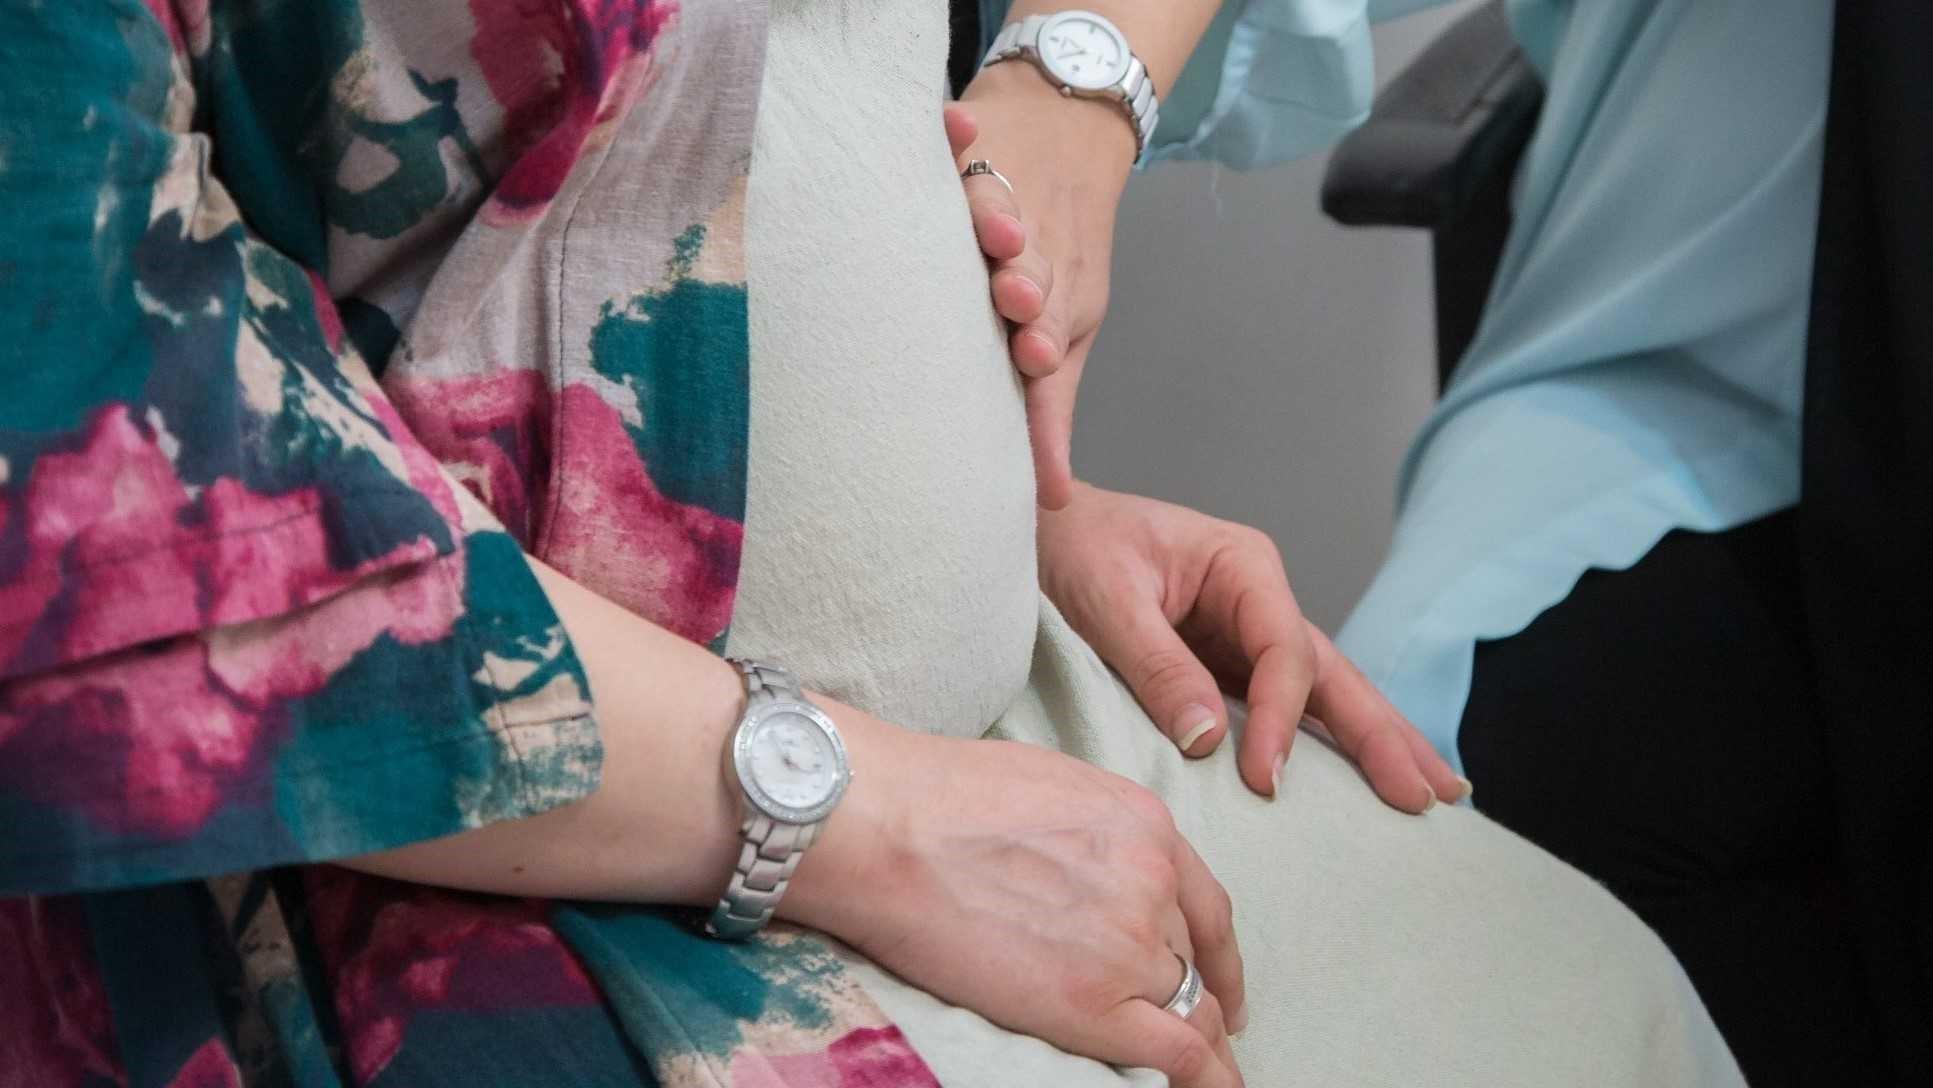 یکی از سوالاتی که ممکن است، برای افراد به ویژه خانم ها پیش بیاید این است که آیا بعد از عمل بای پس معده می توان باردار شد؟